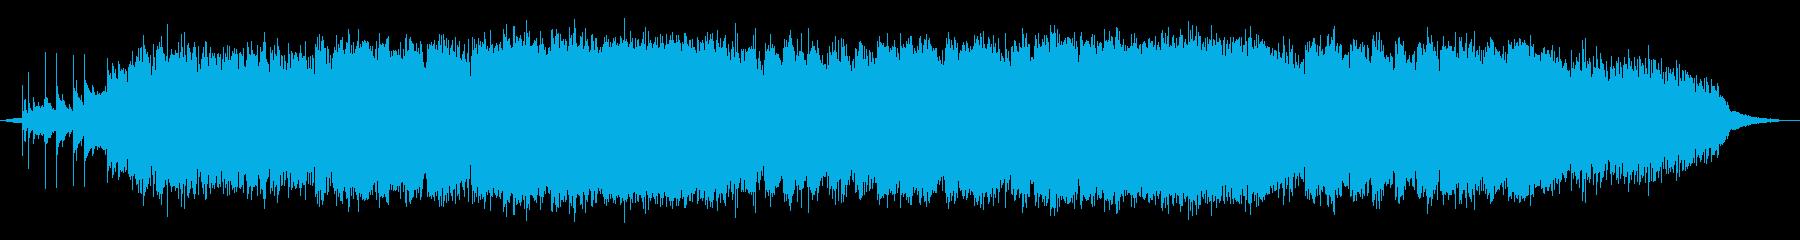 アンビエント センチメンタル 説明...の再生済みの波形